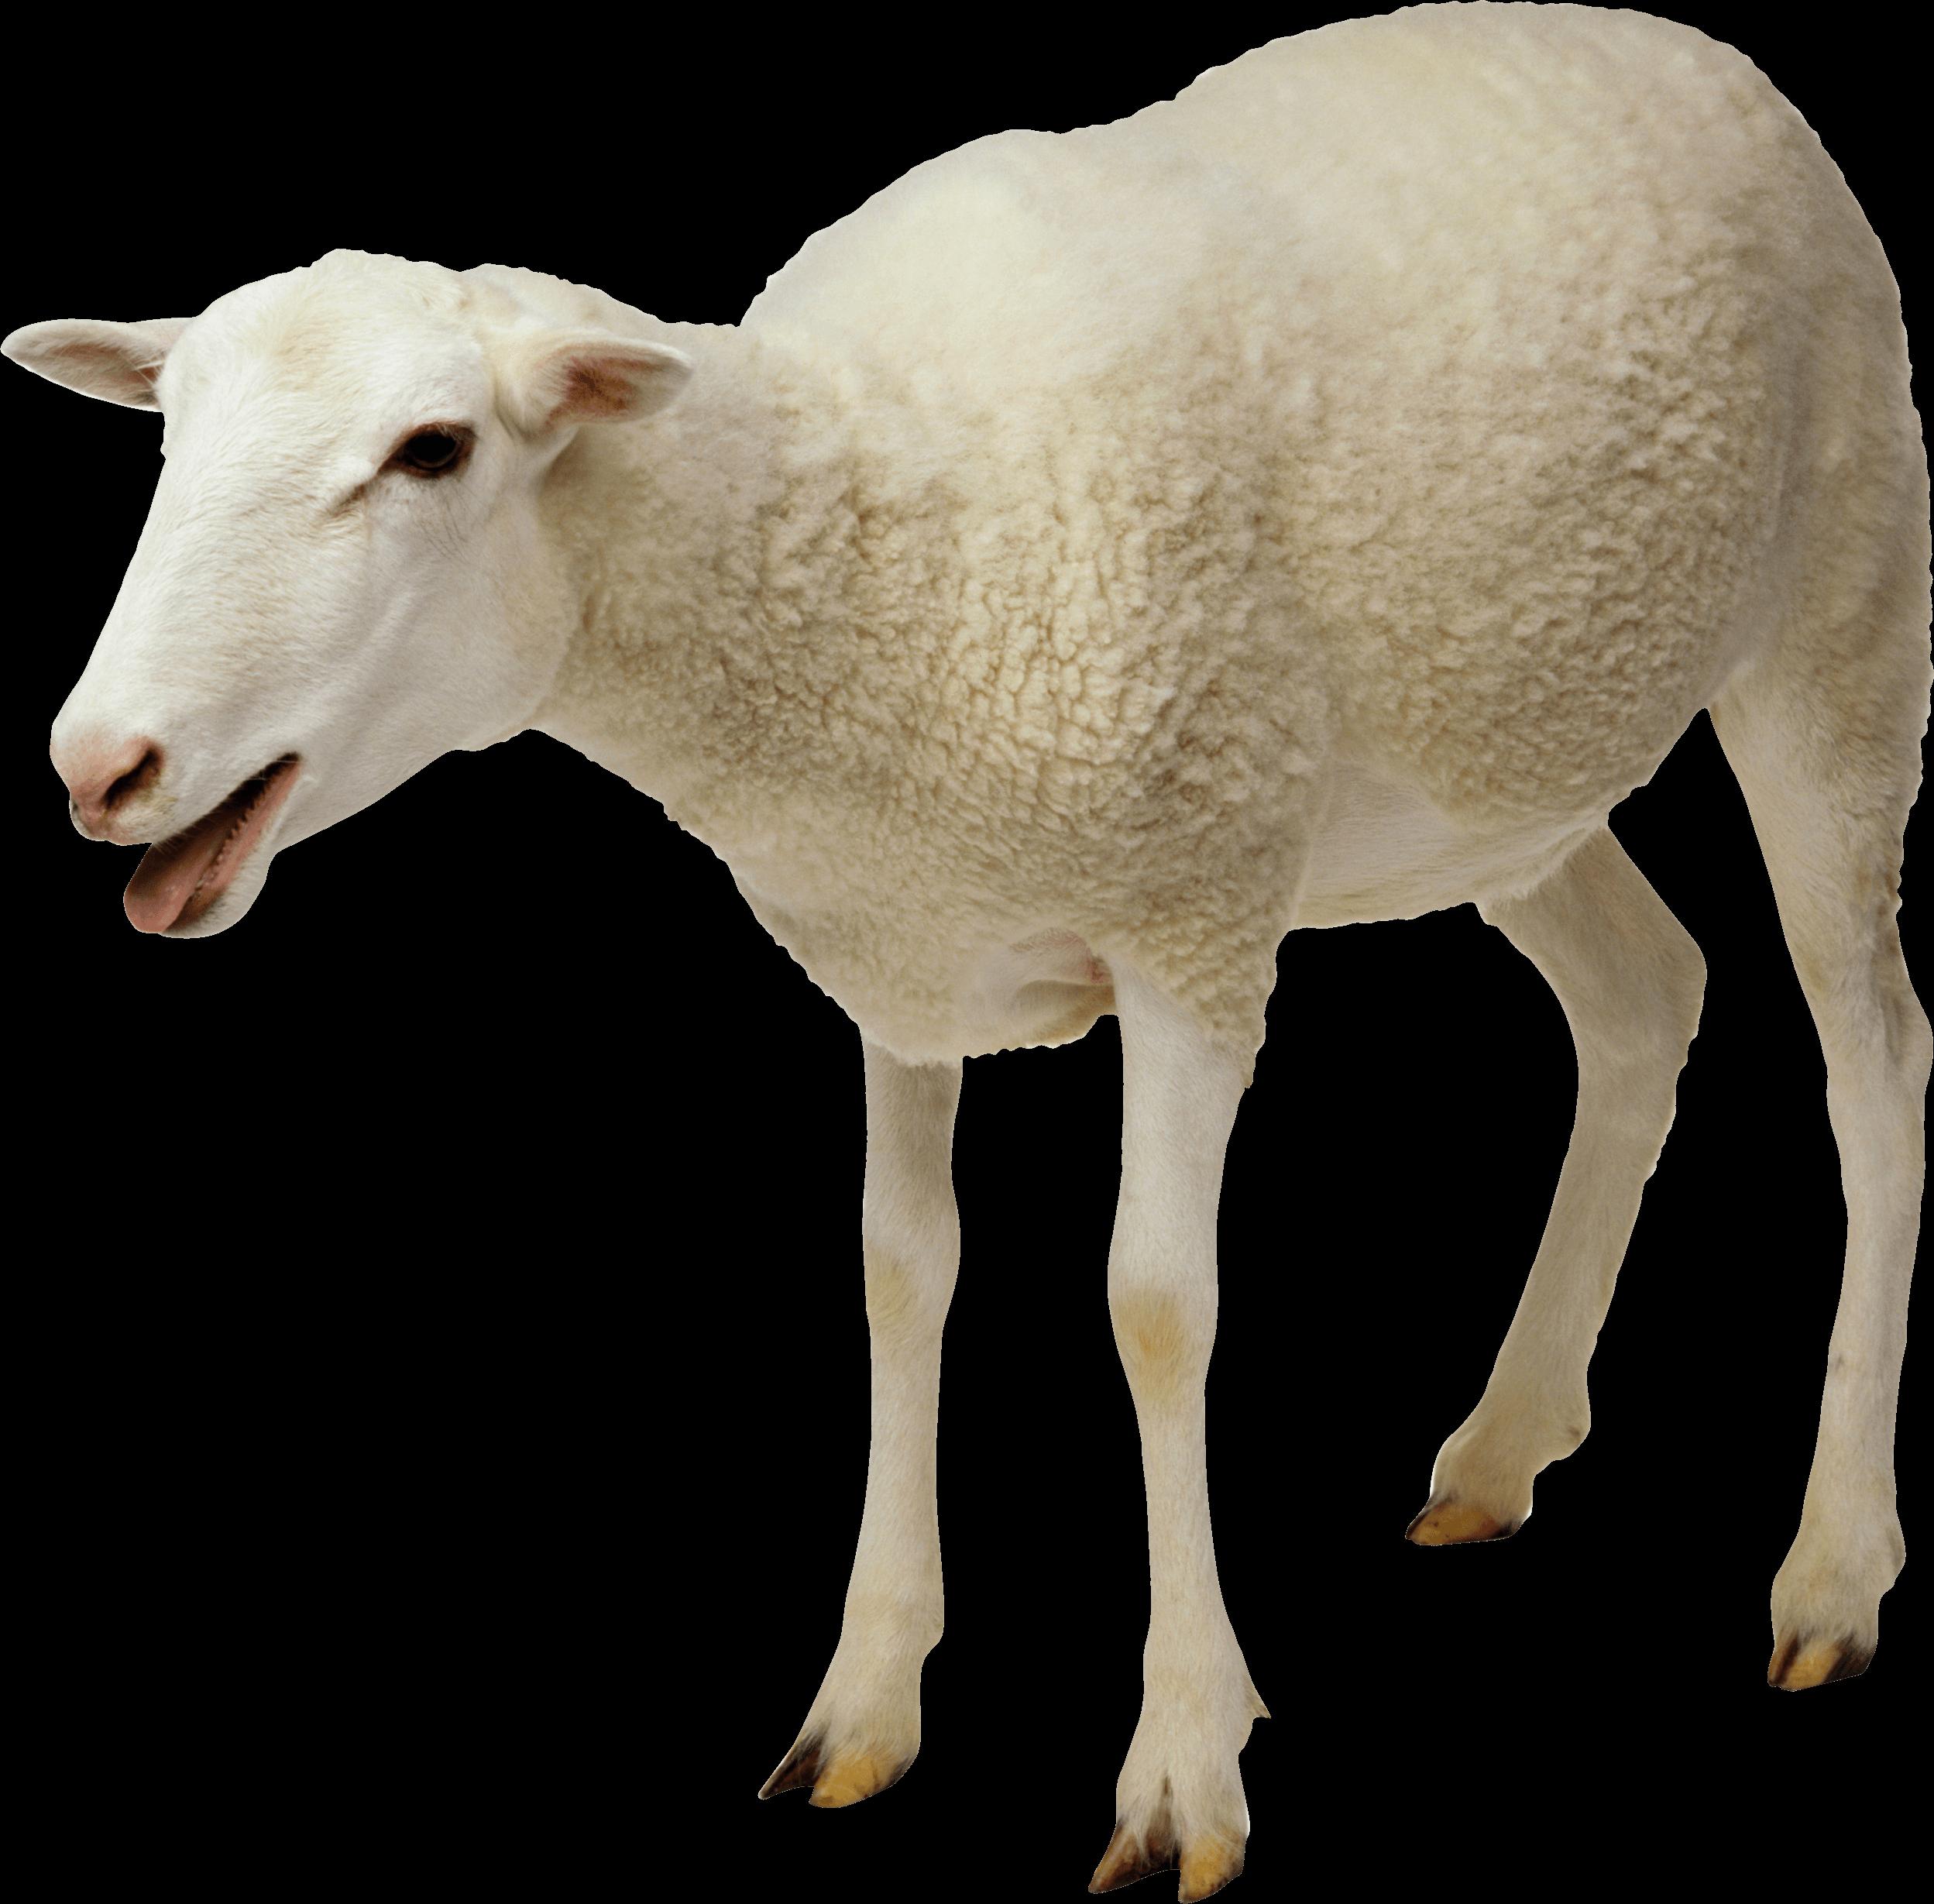 Sheep Png Image PNG Image - Sheep PNG - Cute Lamb PNG HD